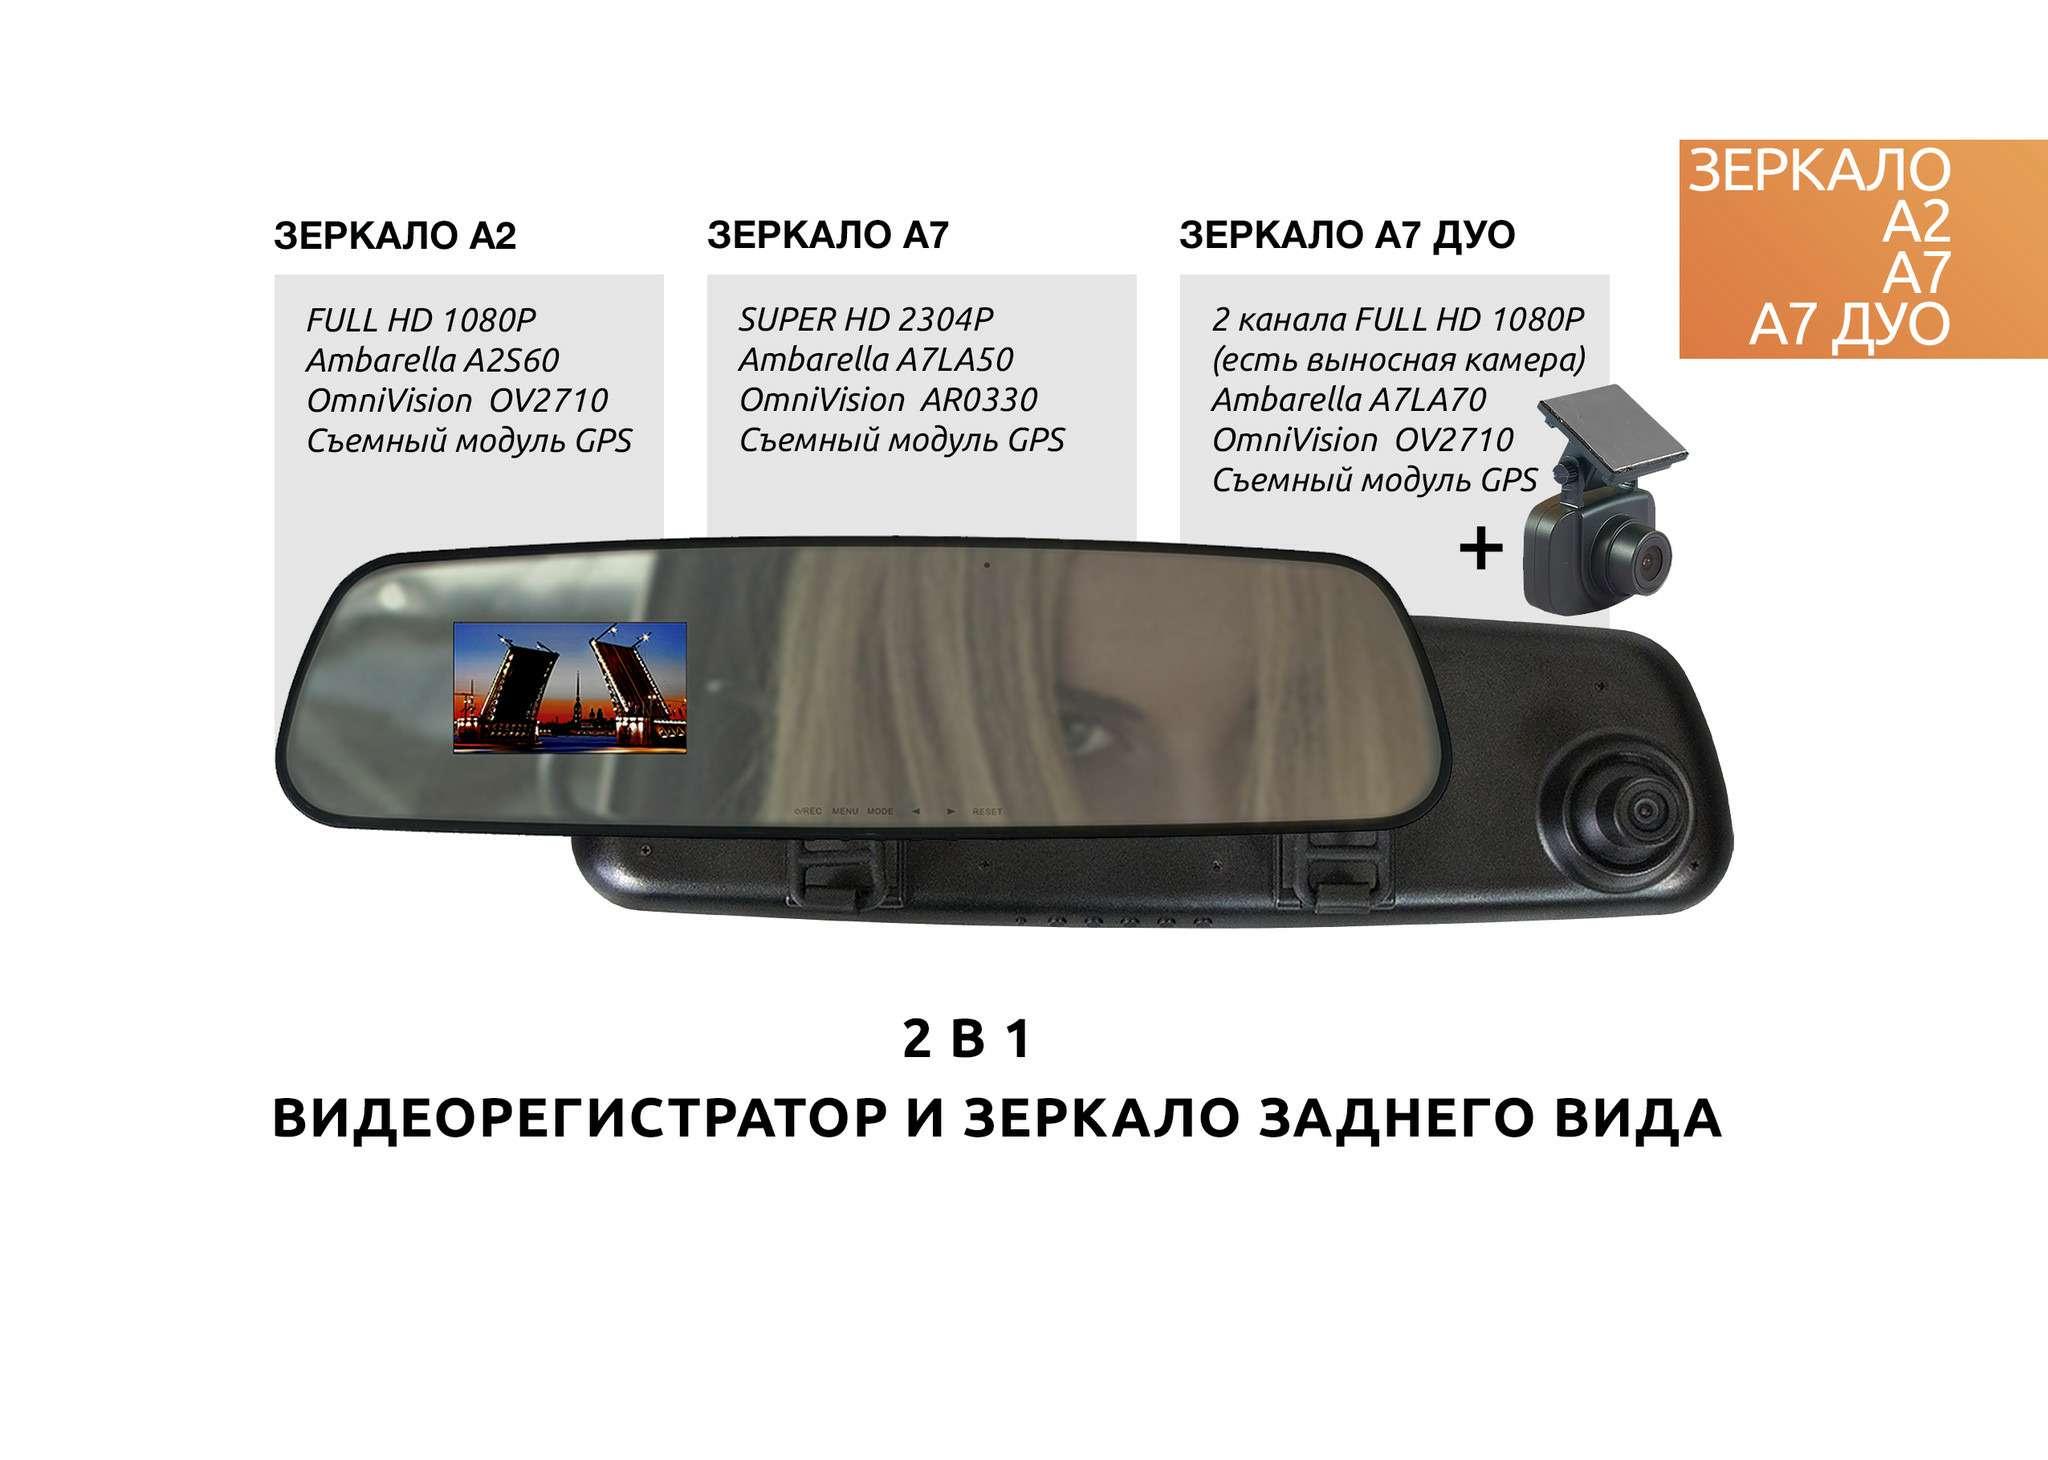 заказать видеорегистратор в россии